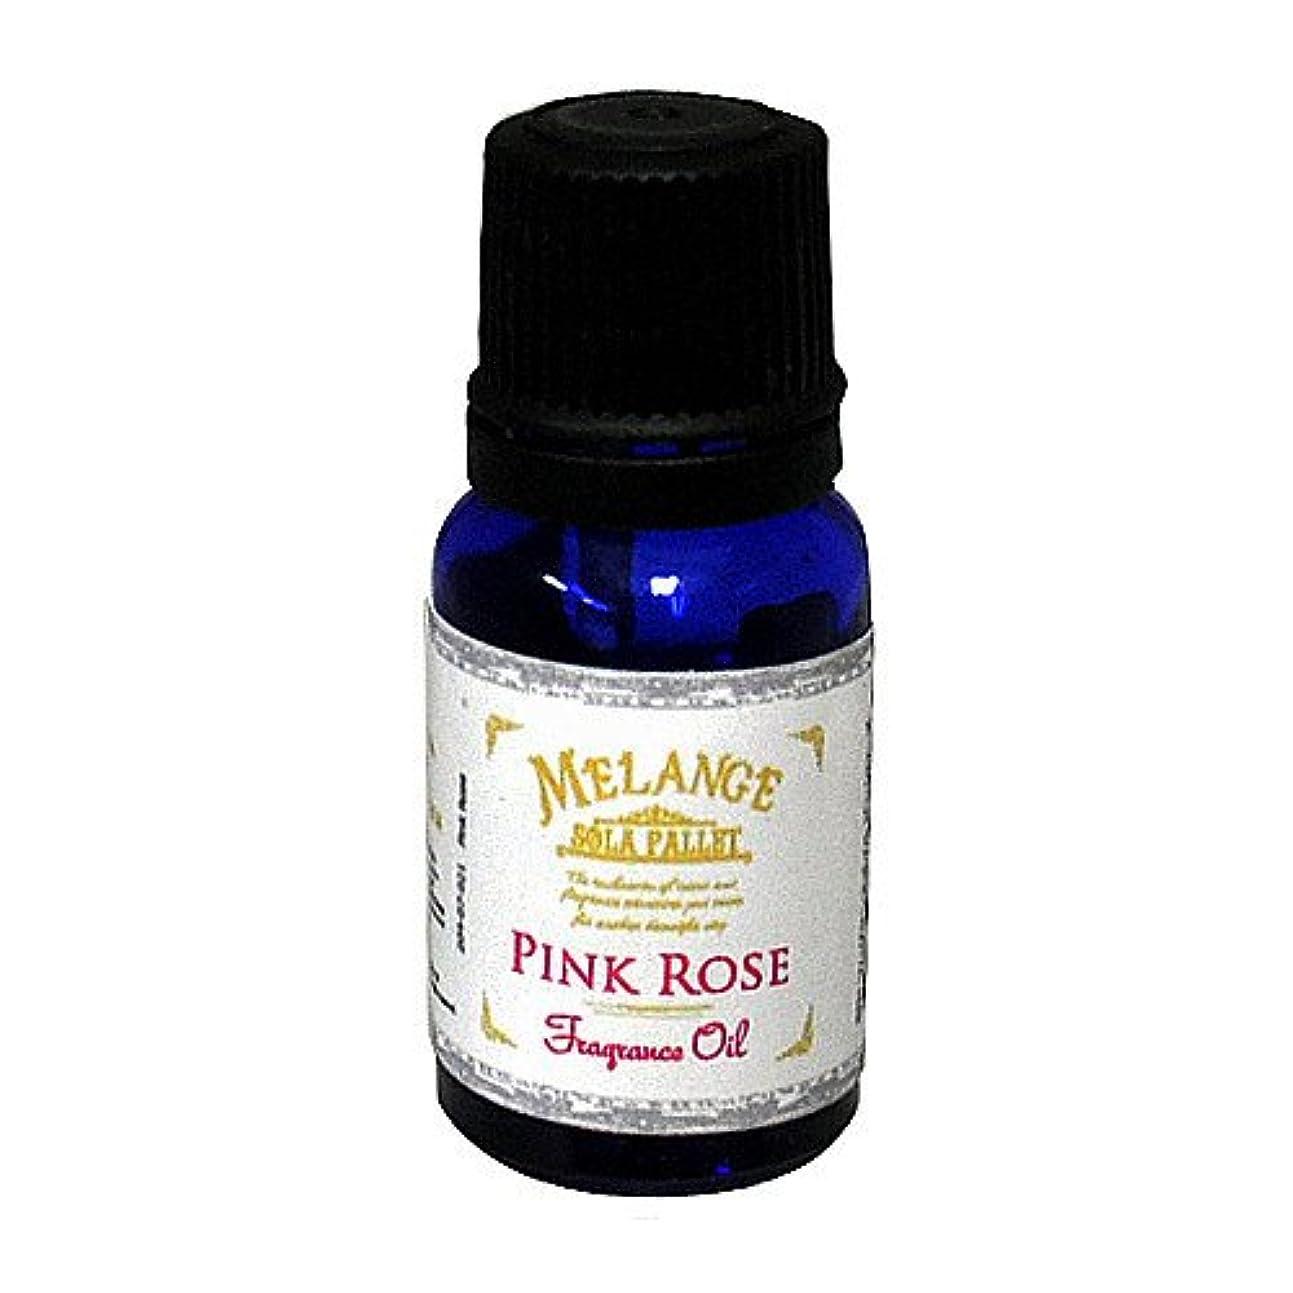 蒸改修する保護SOLA PALLET MELANGE Fragrance Oil フレグランスオイル Pink Rose ピンクローズ